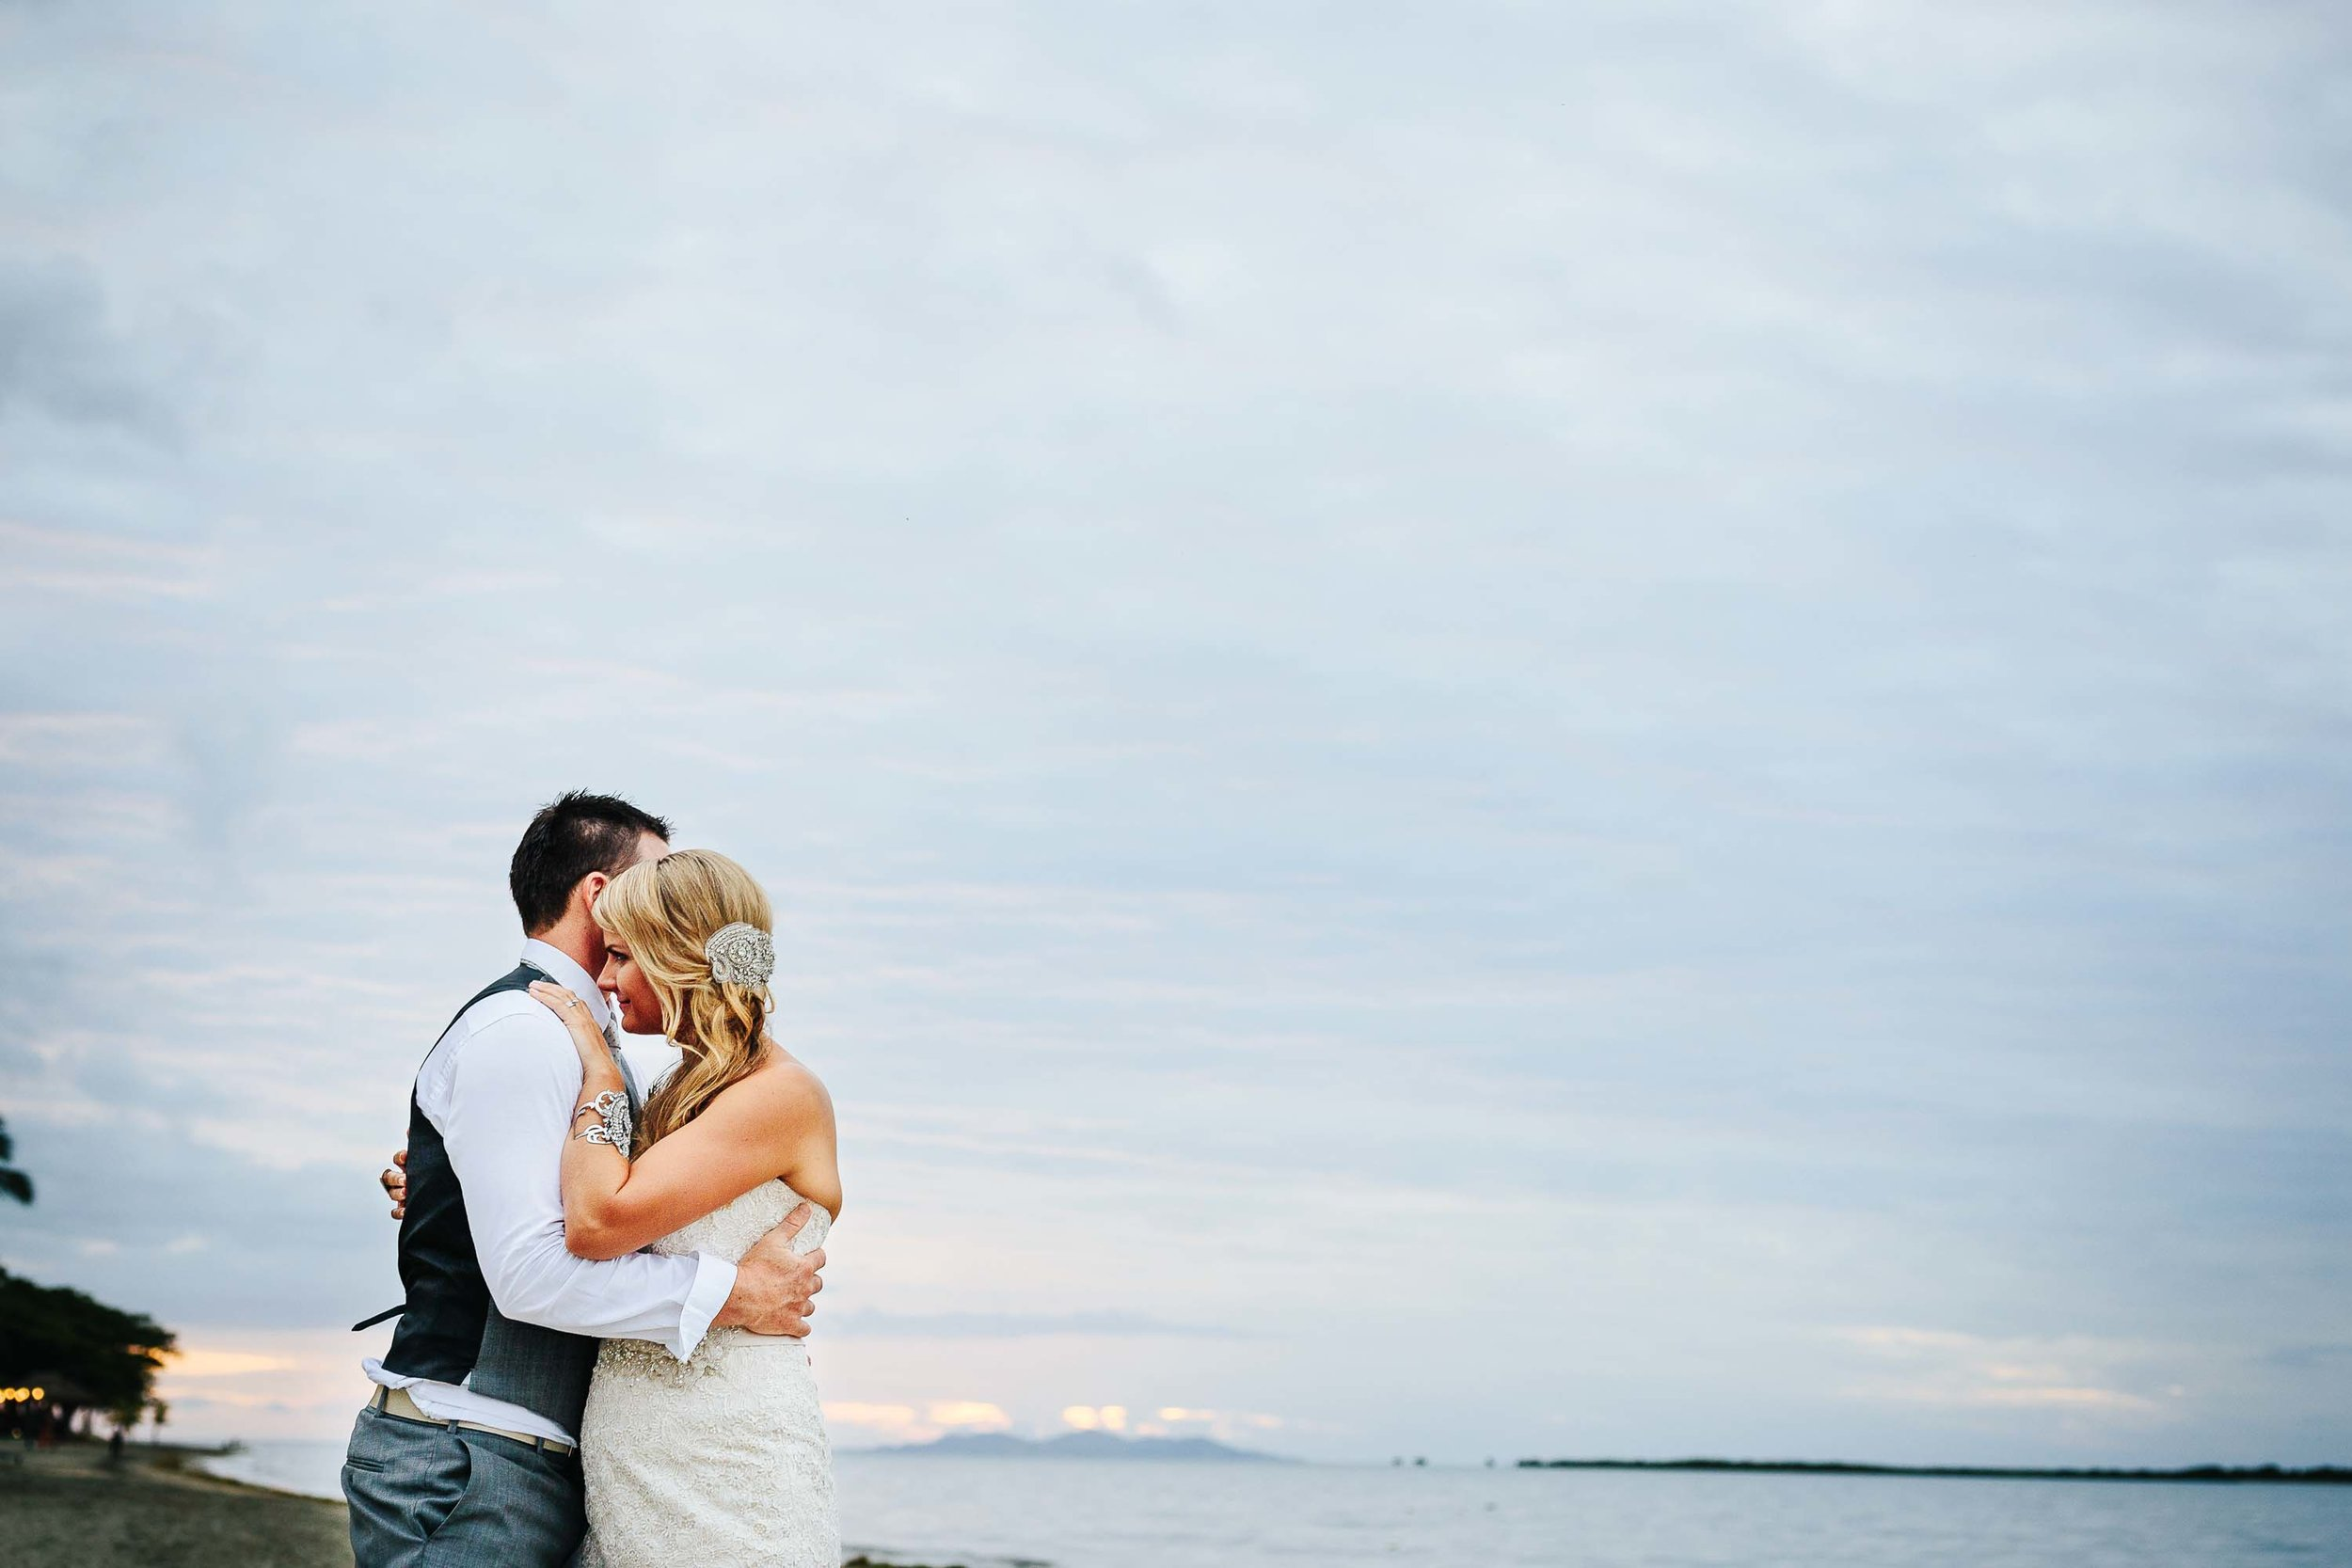 35-Annette-Andrew-Sofitel-Fiji-Wedding-46.jpg